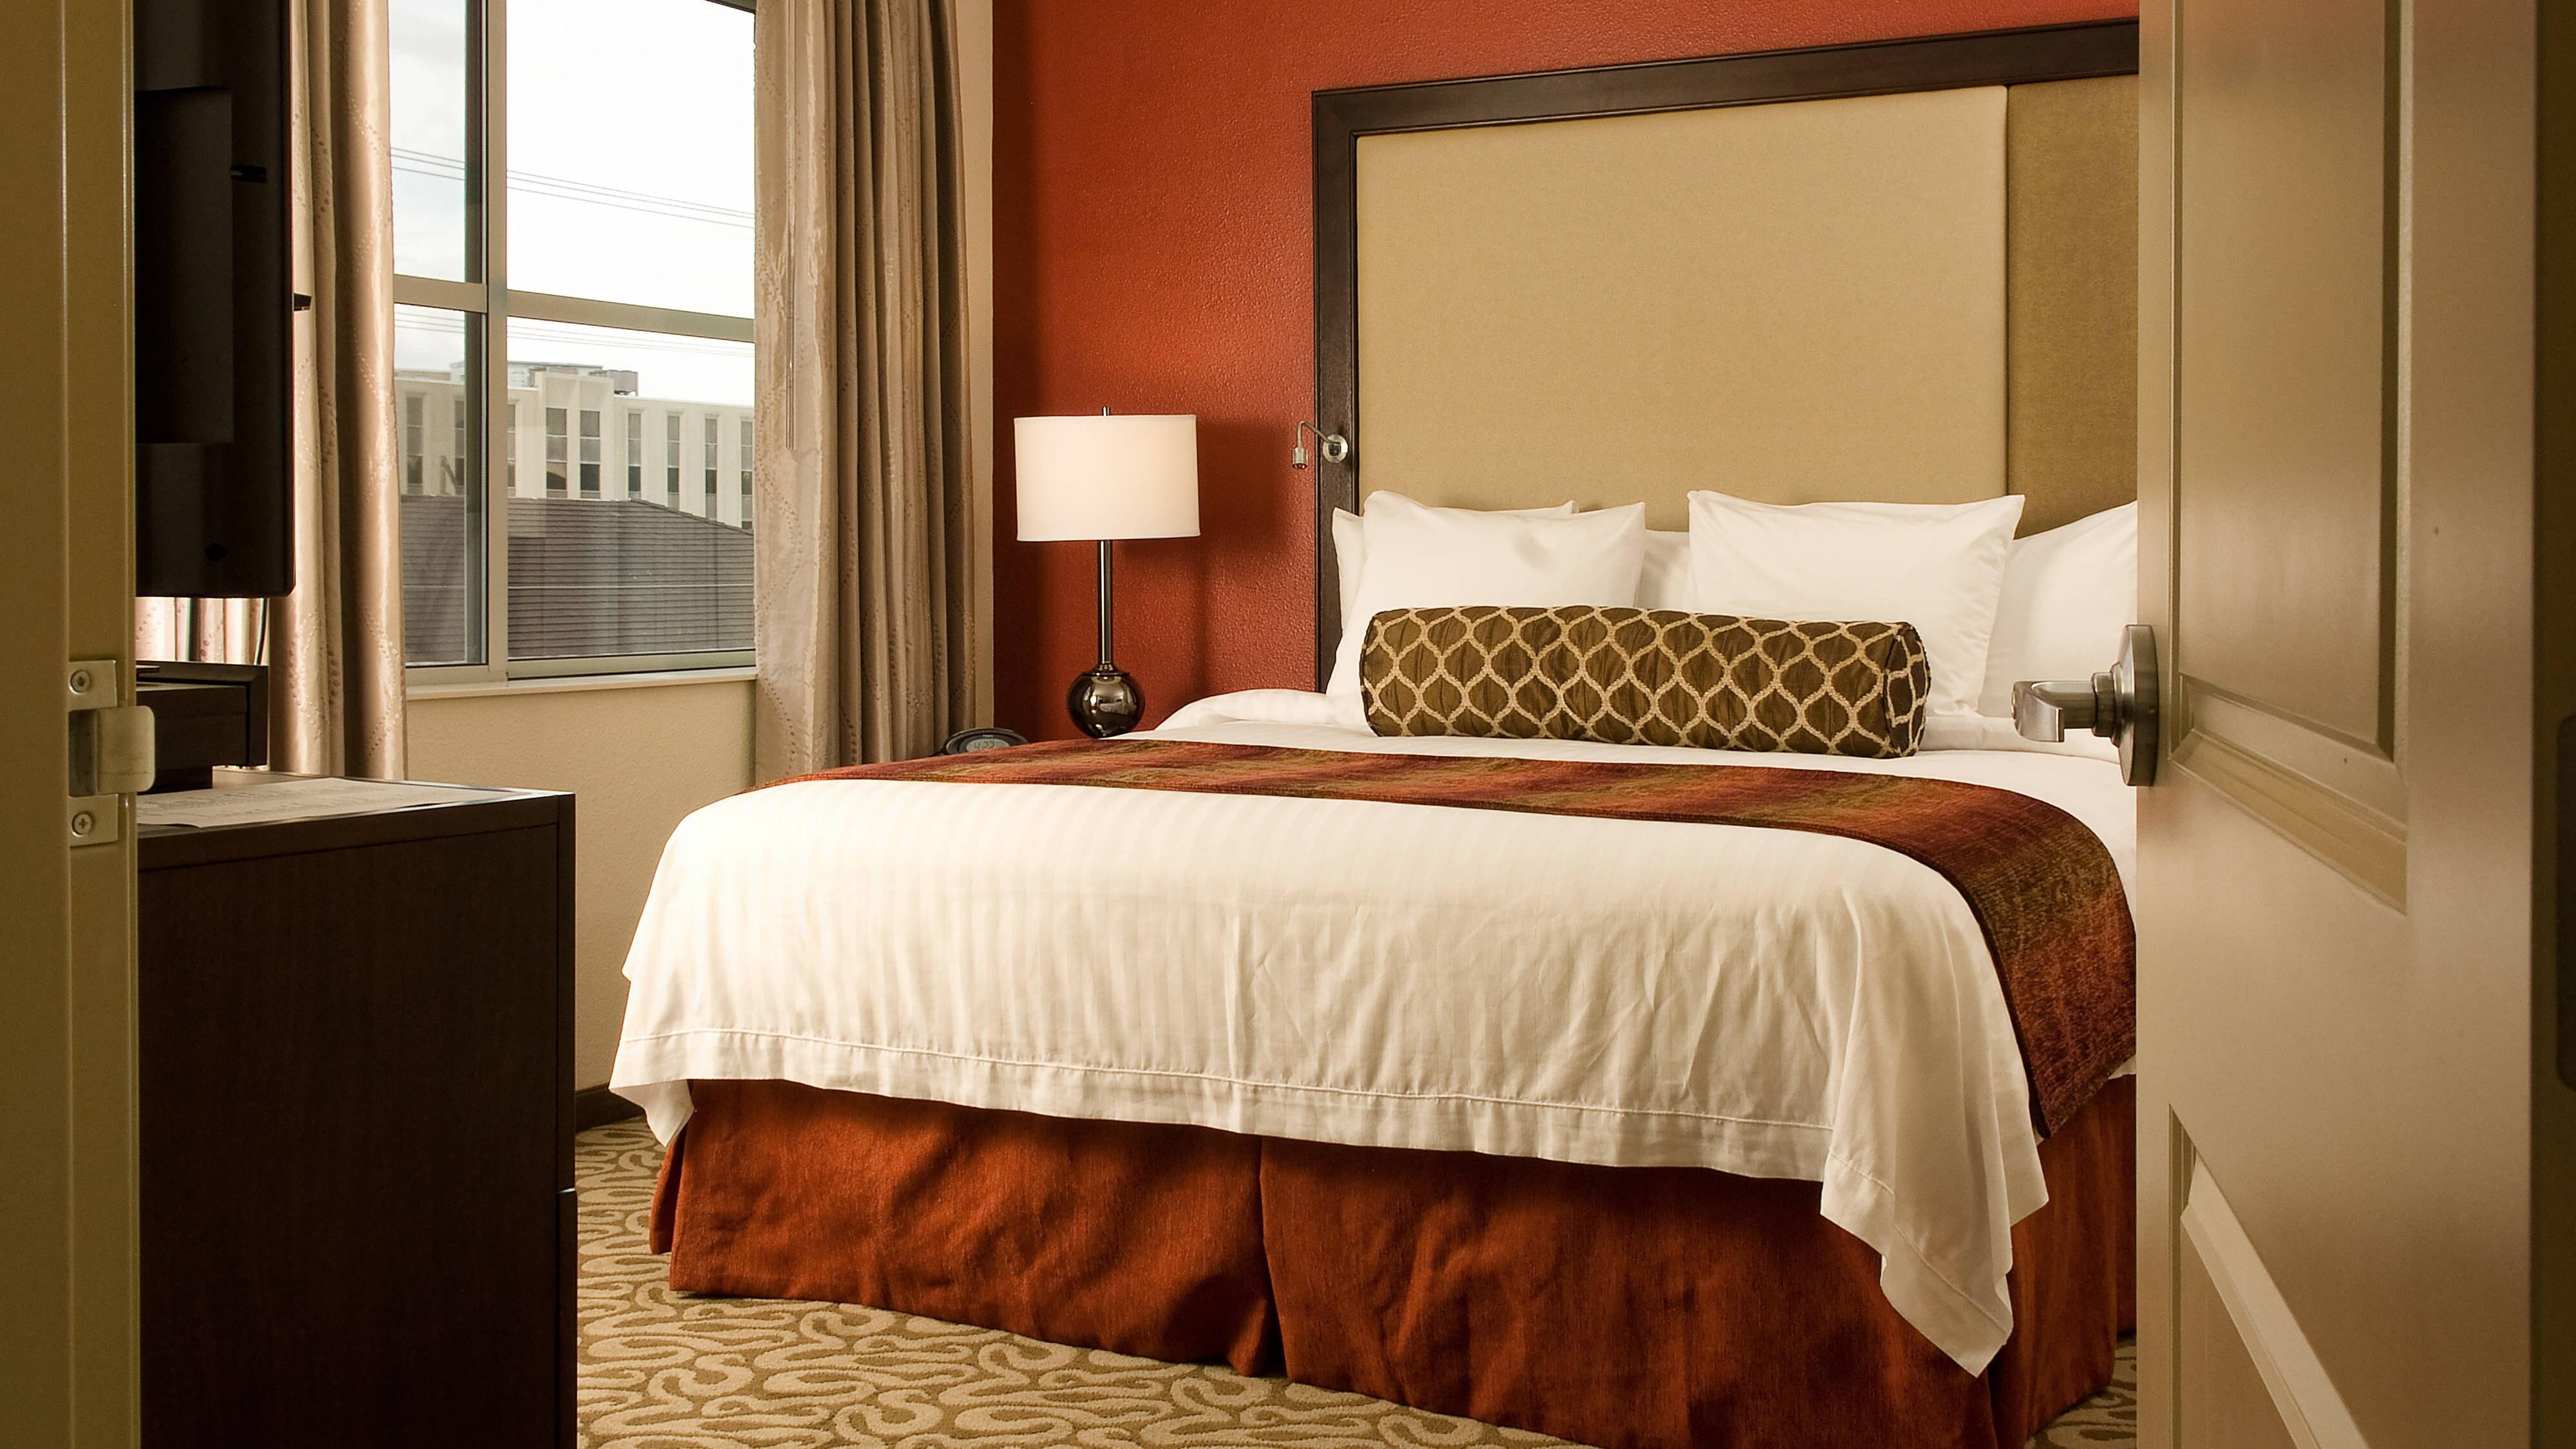 Área de dormir de la suite